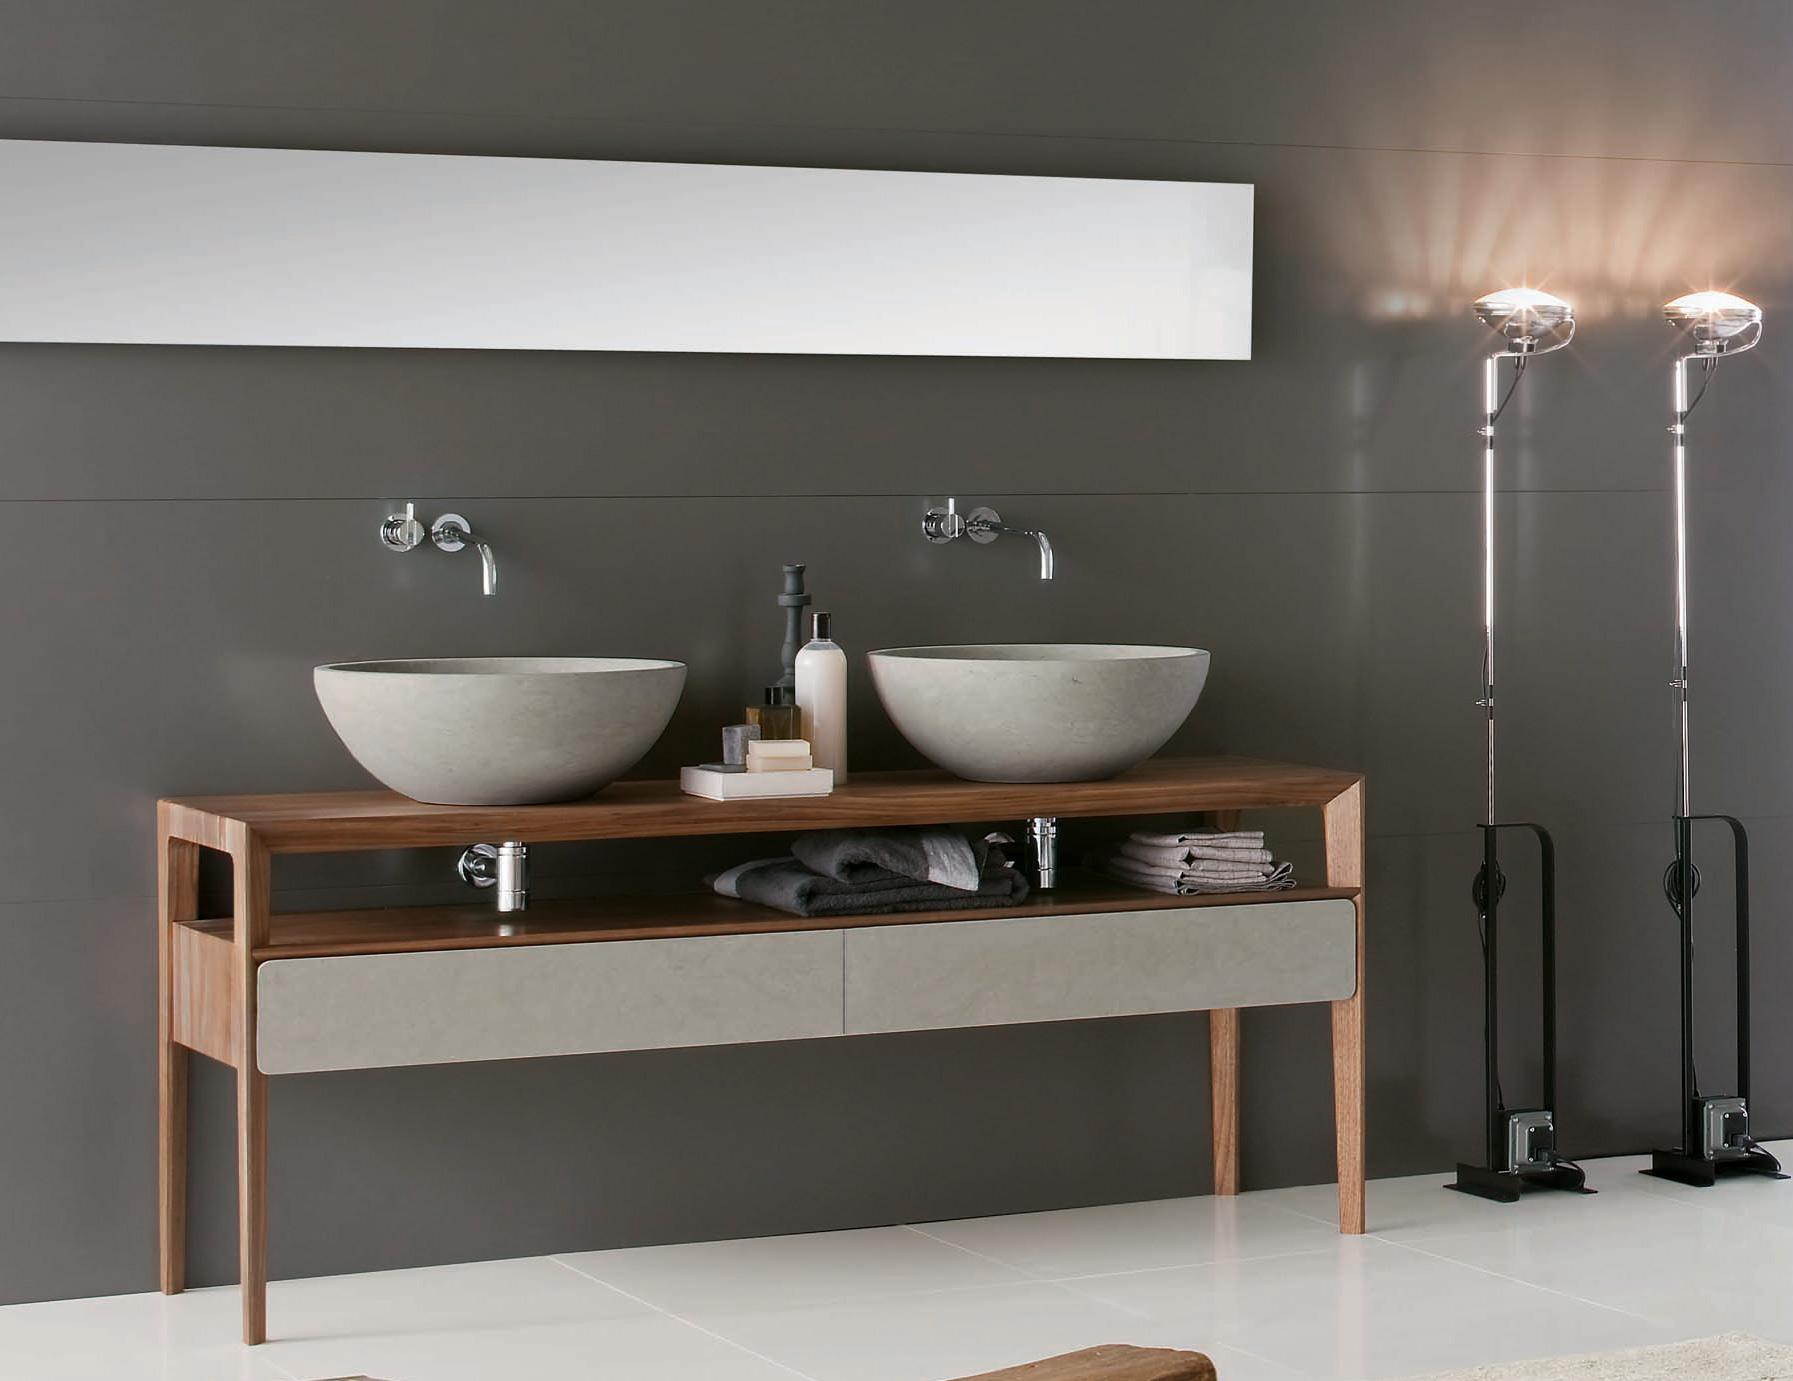 ארונות אמבטיה מעוצבים דגם מרדונה